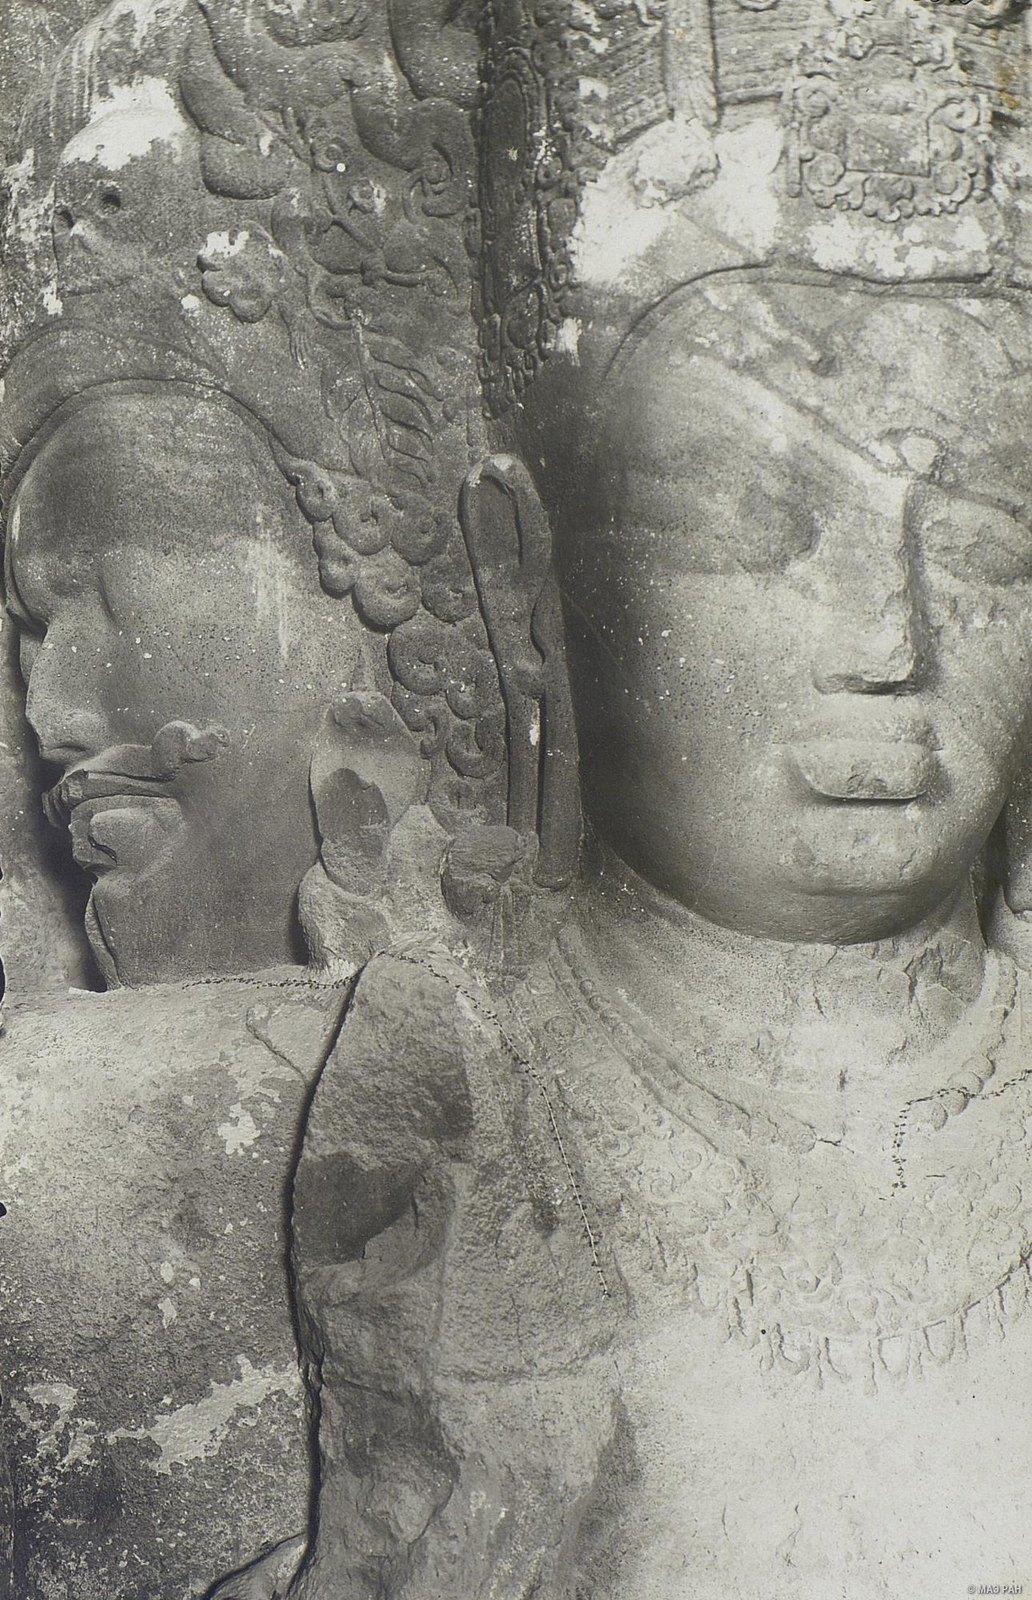 Пещерный храм в Элефанте (деталь скульптурного изображения Тримурти) (6)